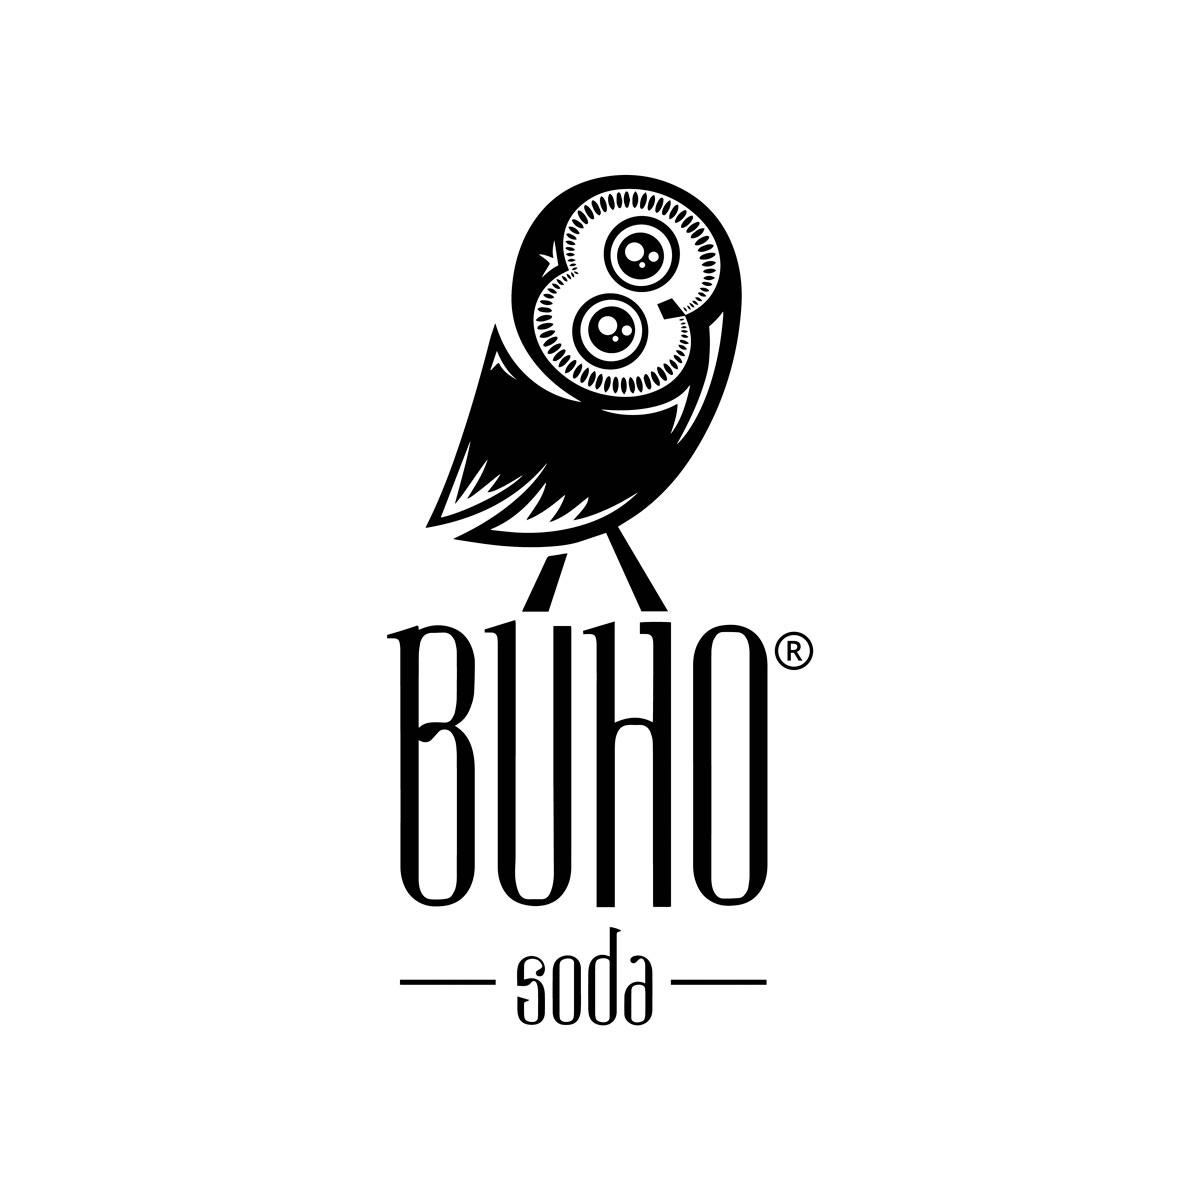 buho_versiones-logos-01